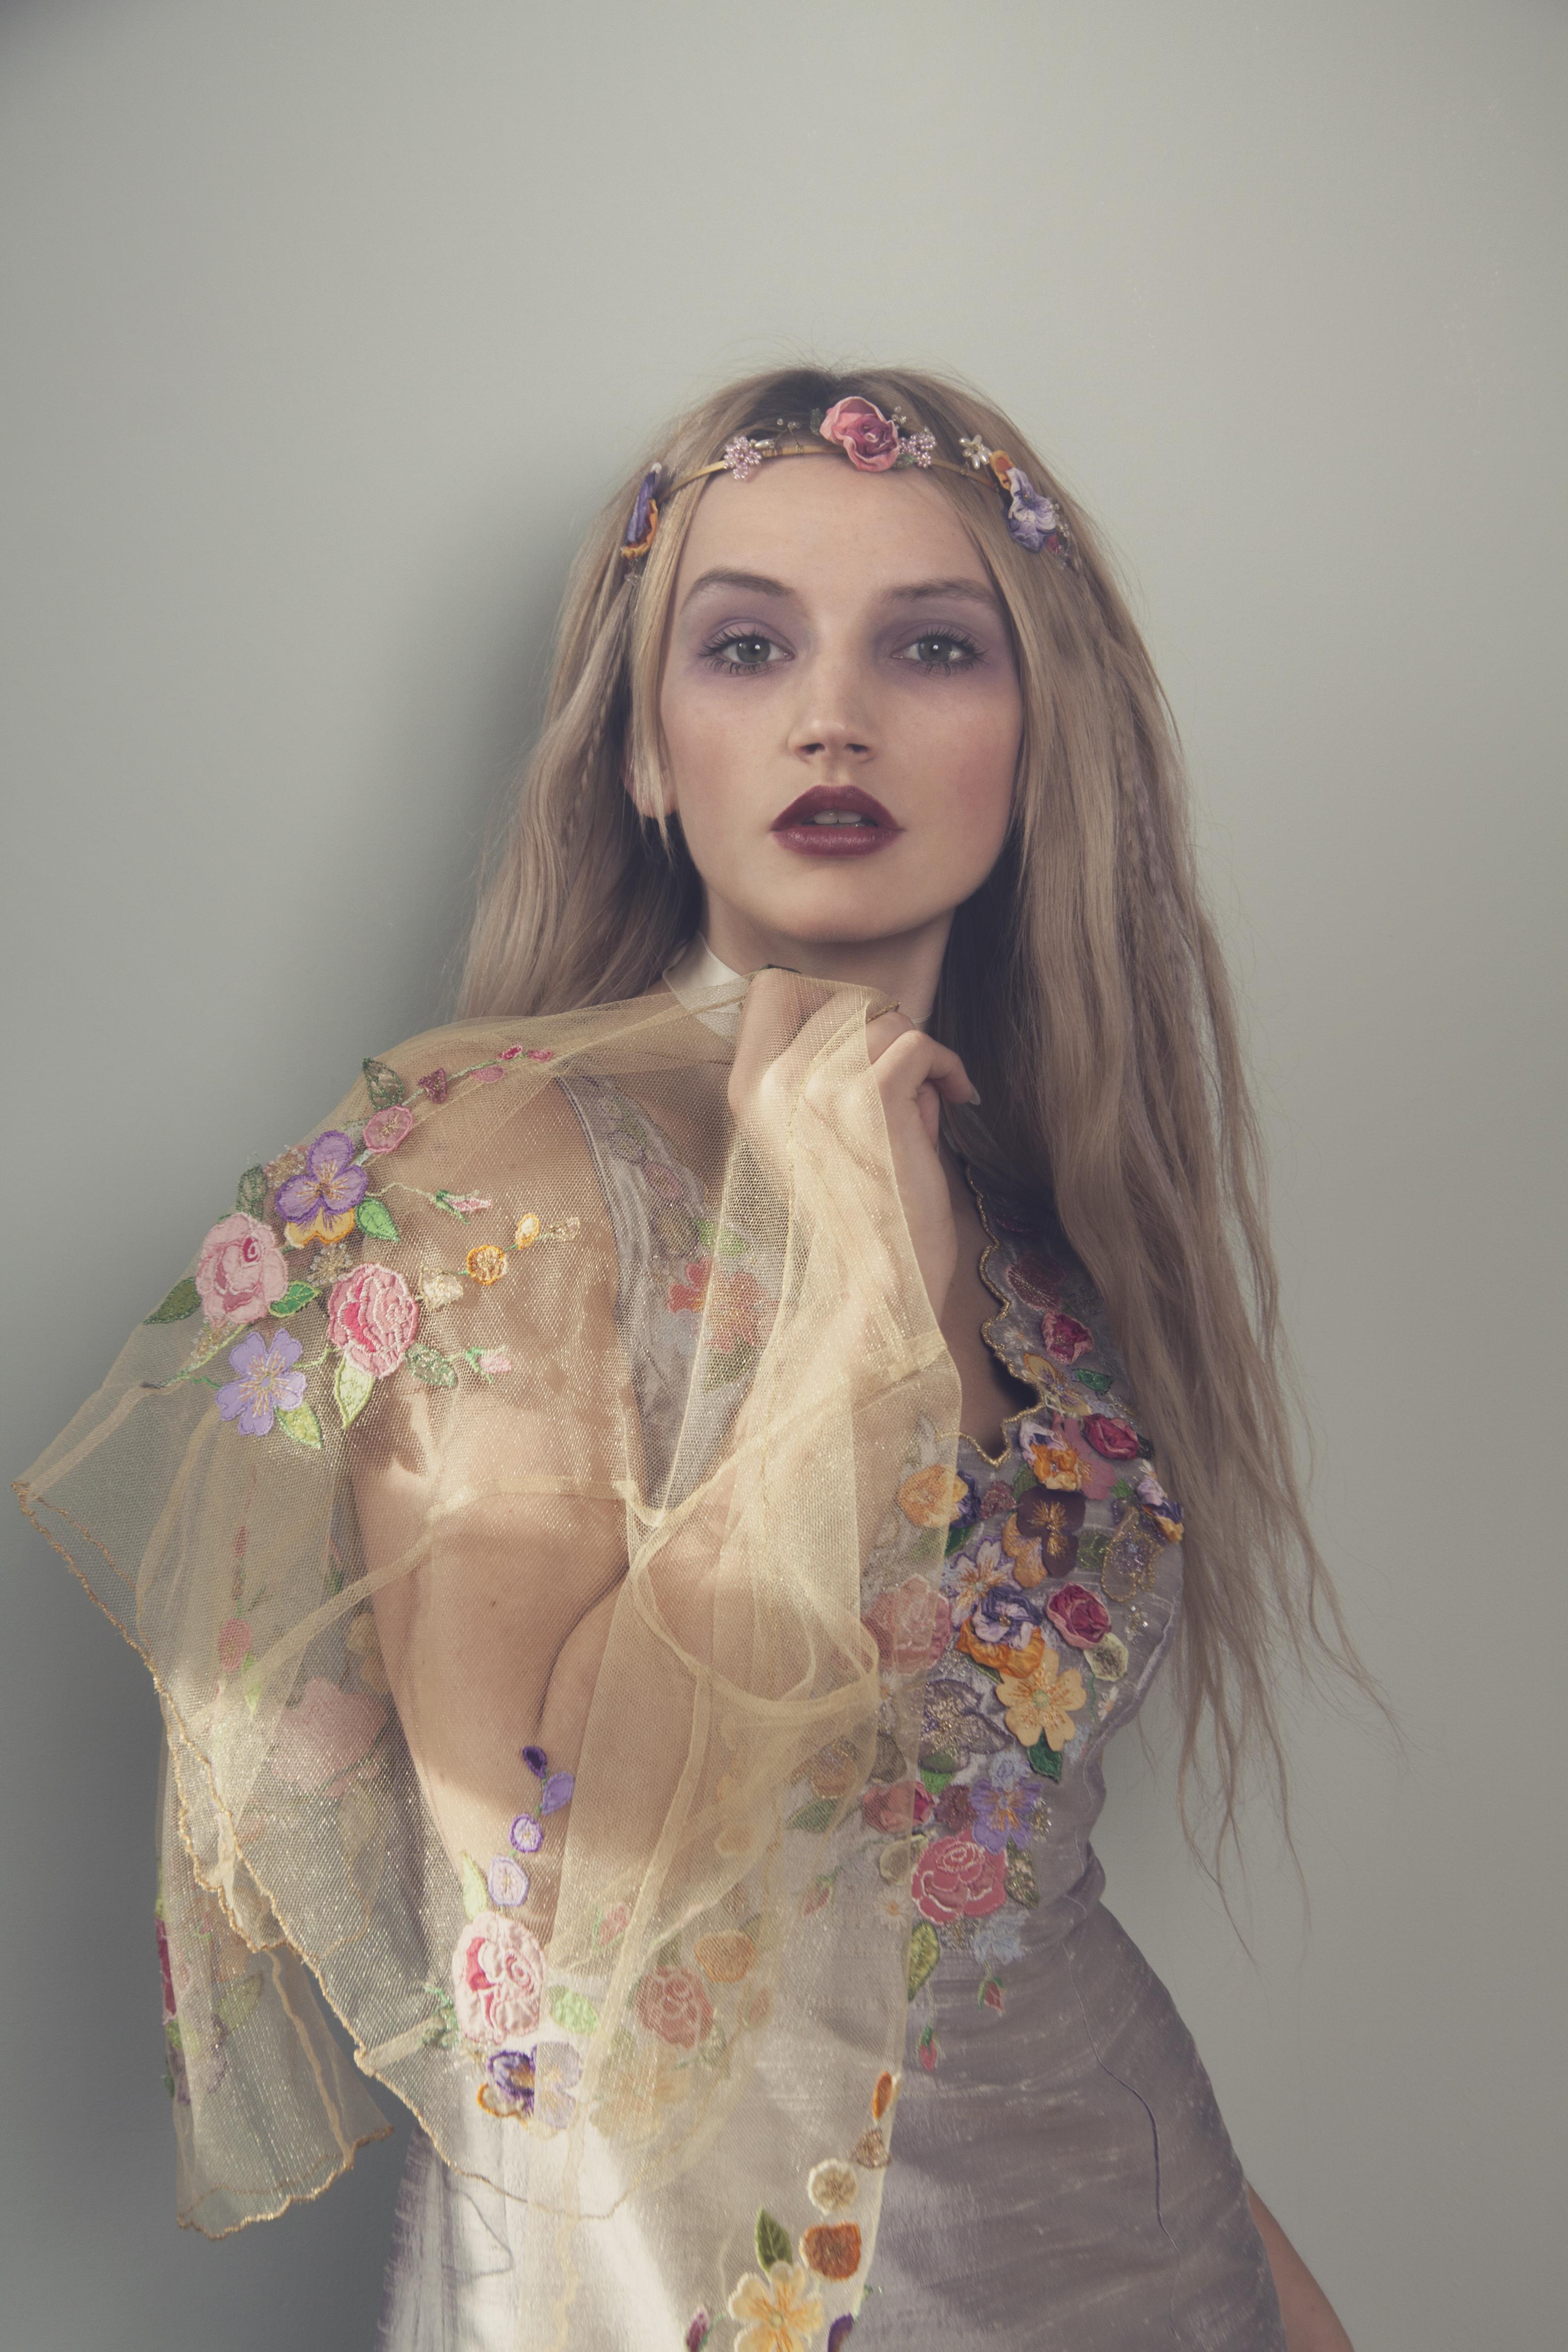 Thea McDonald Beauty